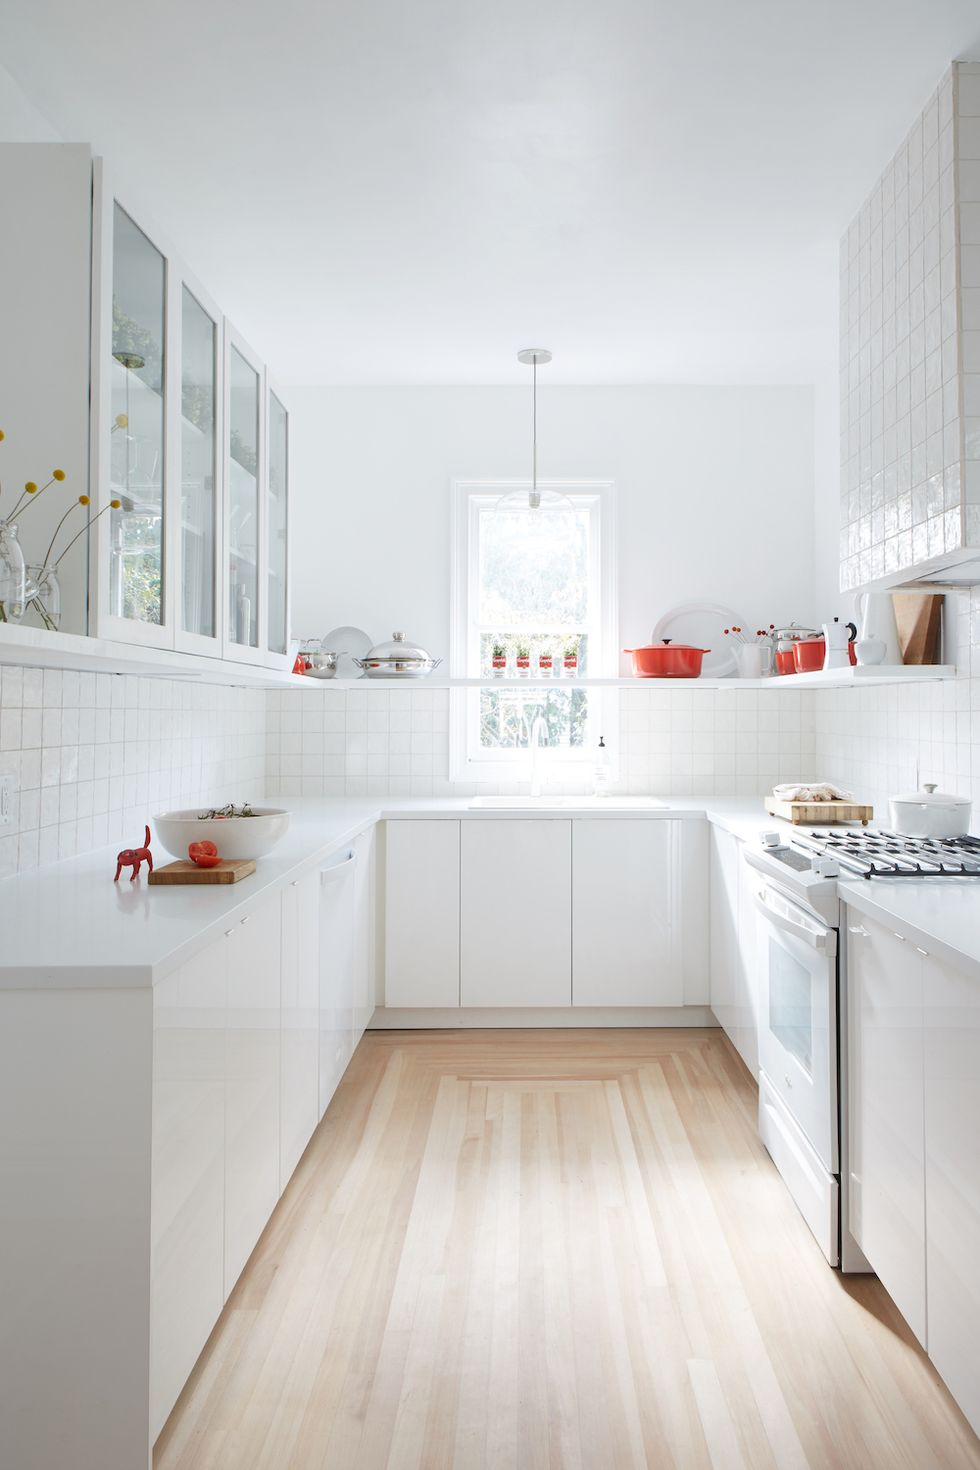 مدل رنگ زیبا برای آشپزخانه های ساده و شیک